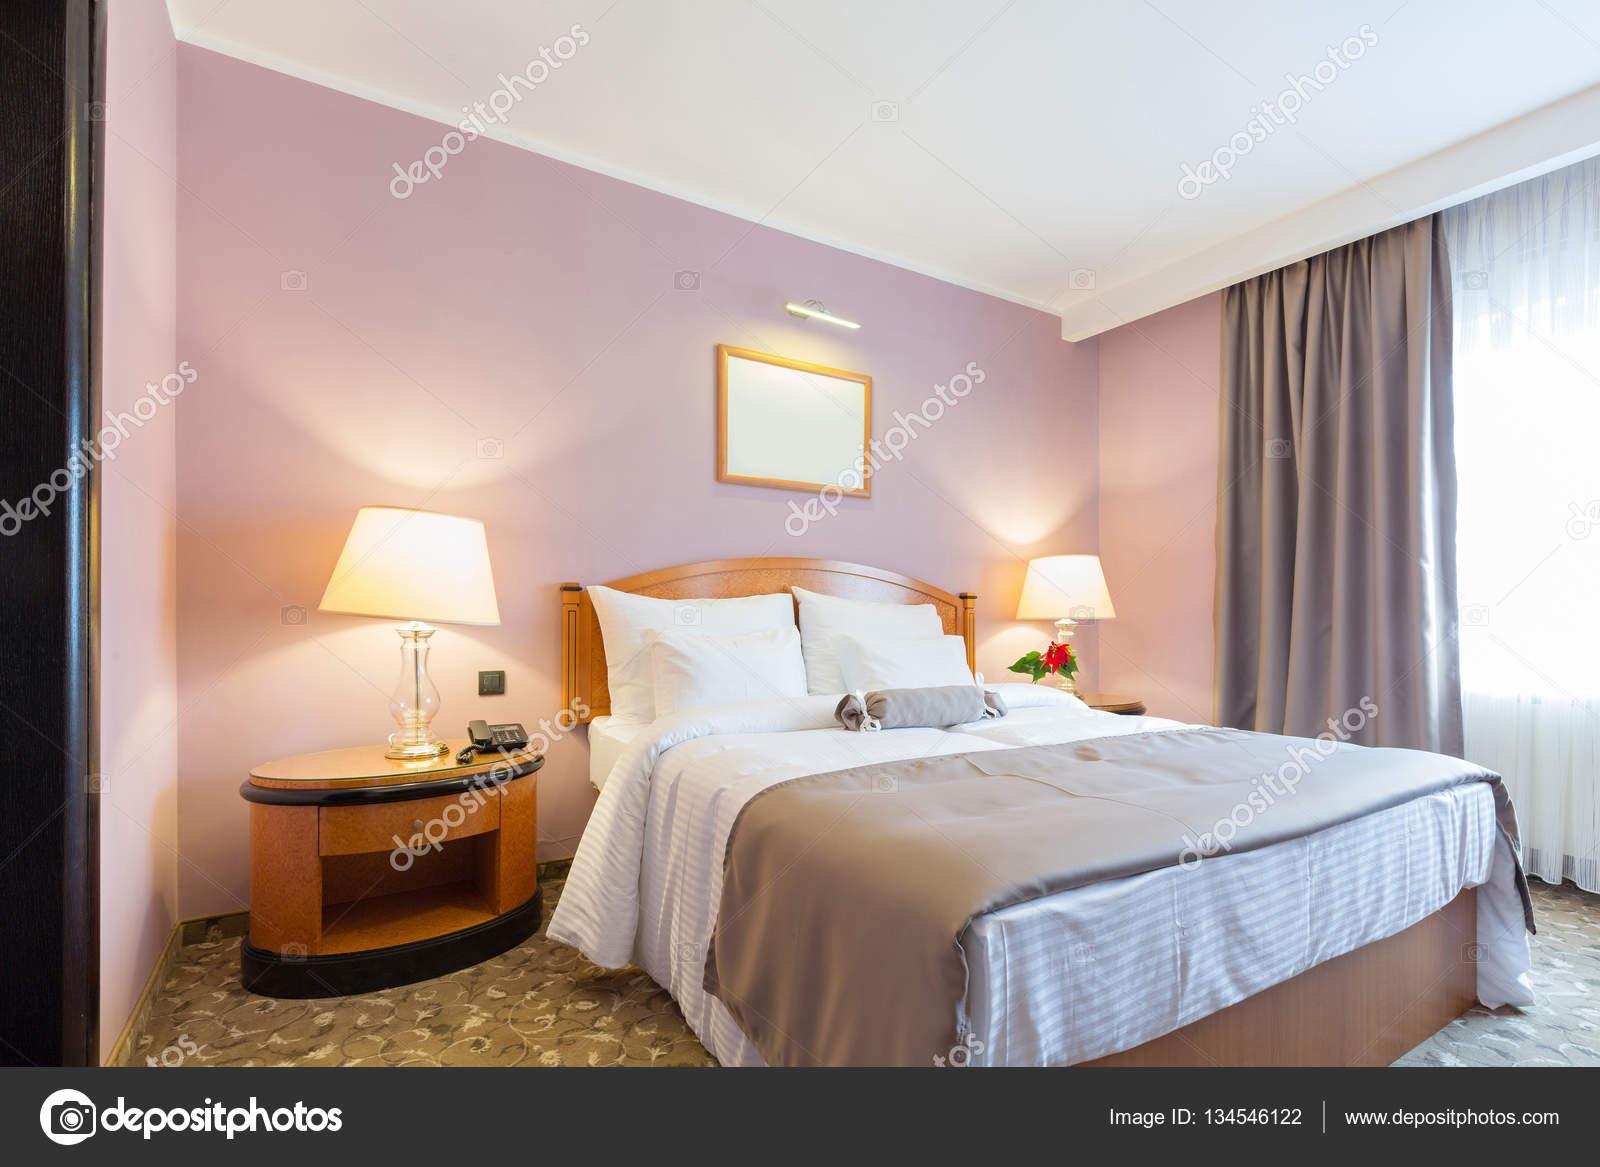 Interni di una nuova camera da letto hotel foto stock for Nuova camera da letto dell inghilterra